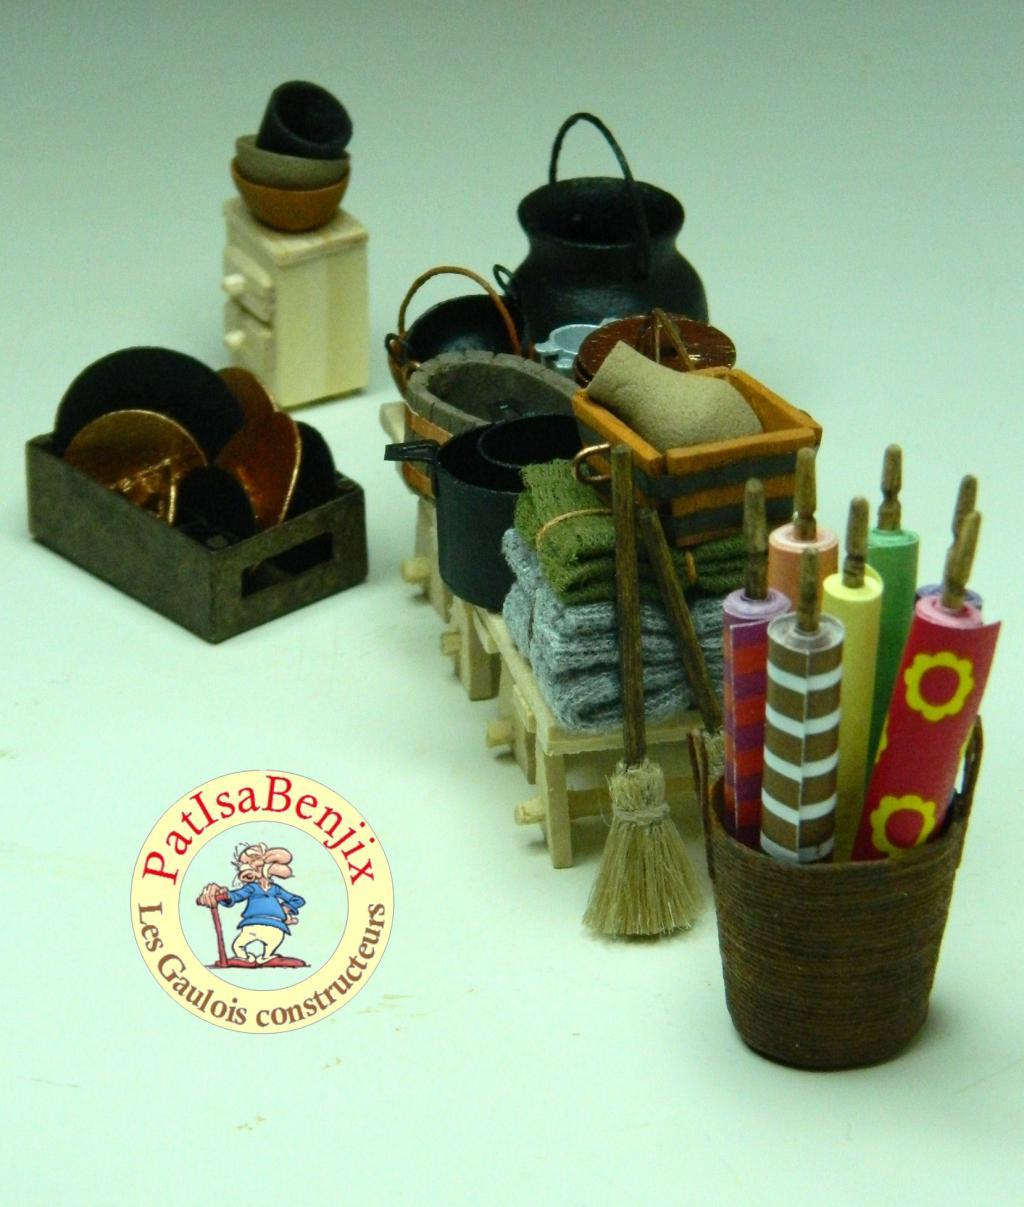 Le Village d'Astérix le Gaulois en maquette au 1/40 - Page 16 Dscn9921-4992781